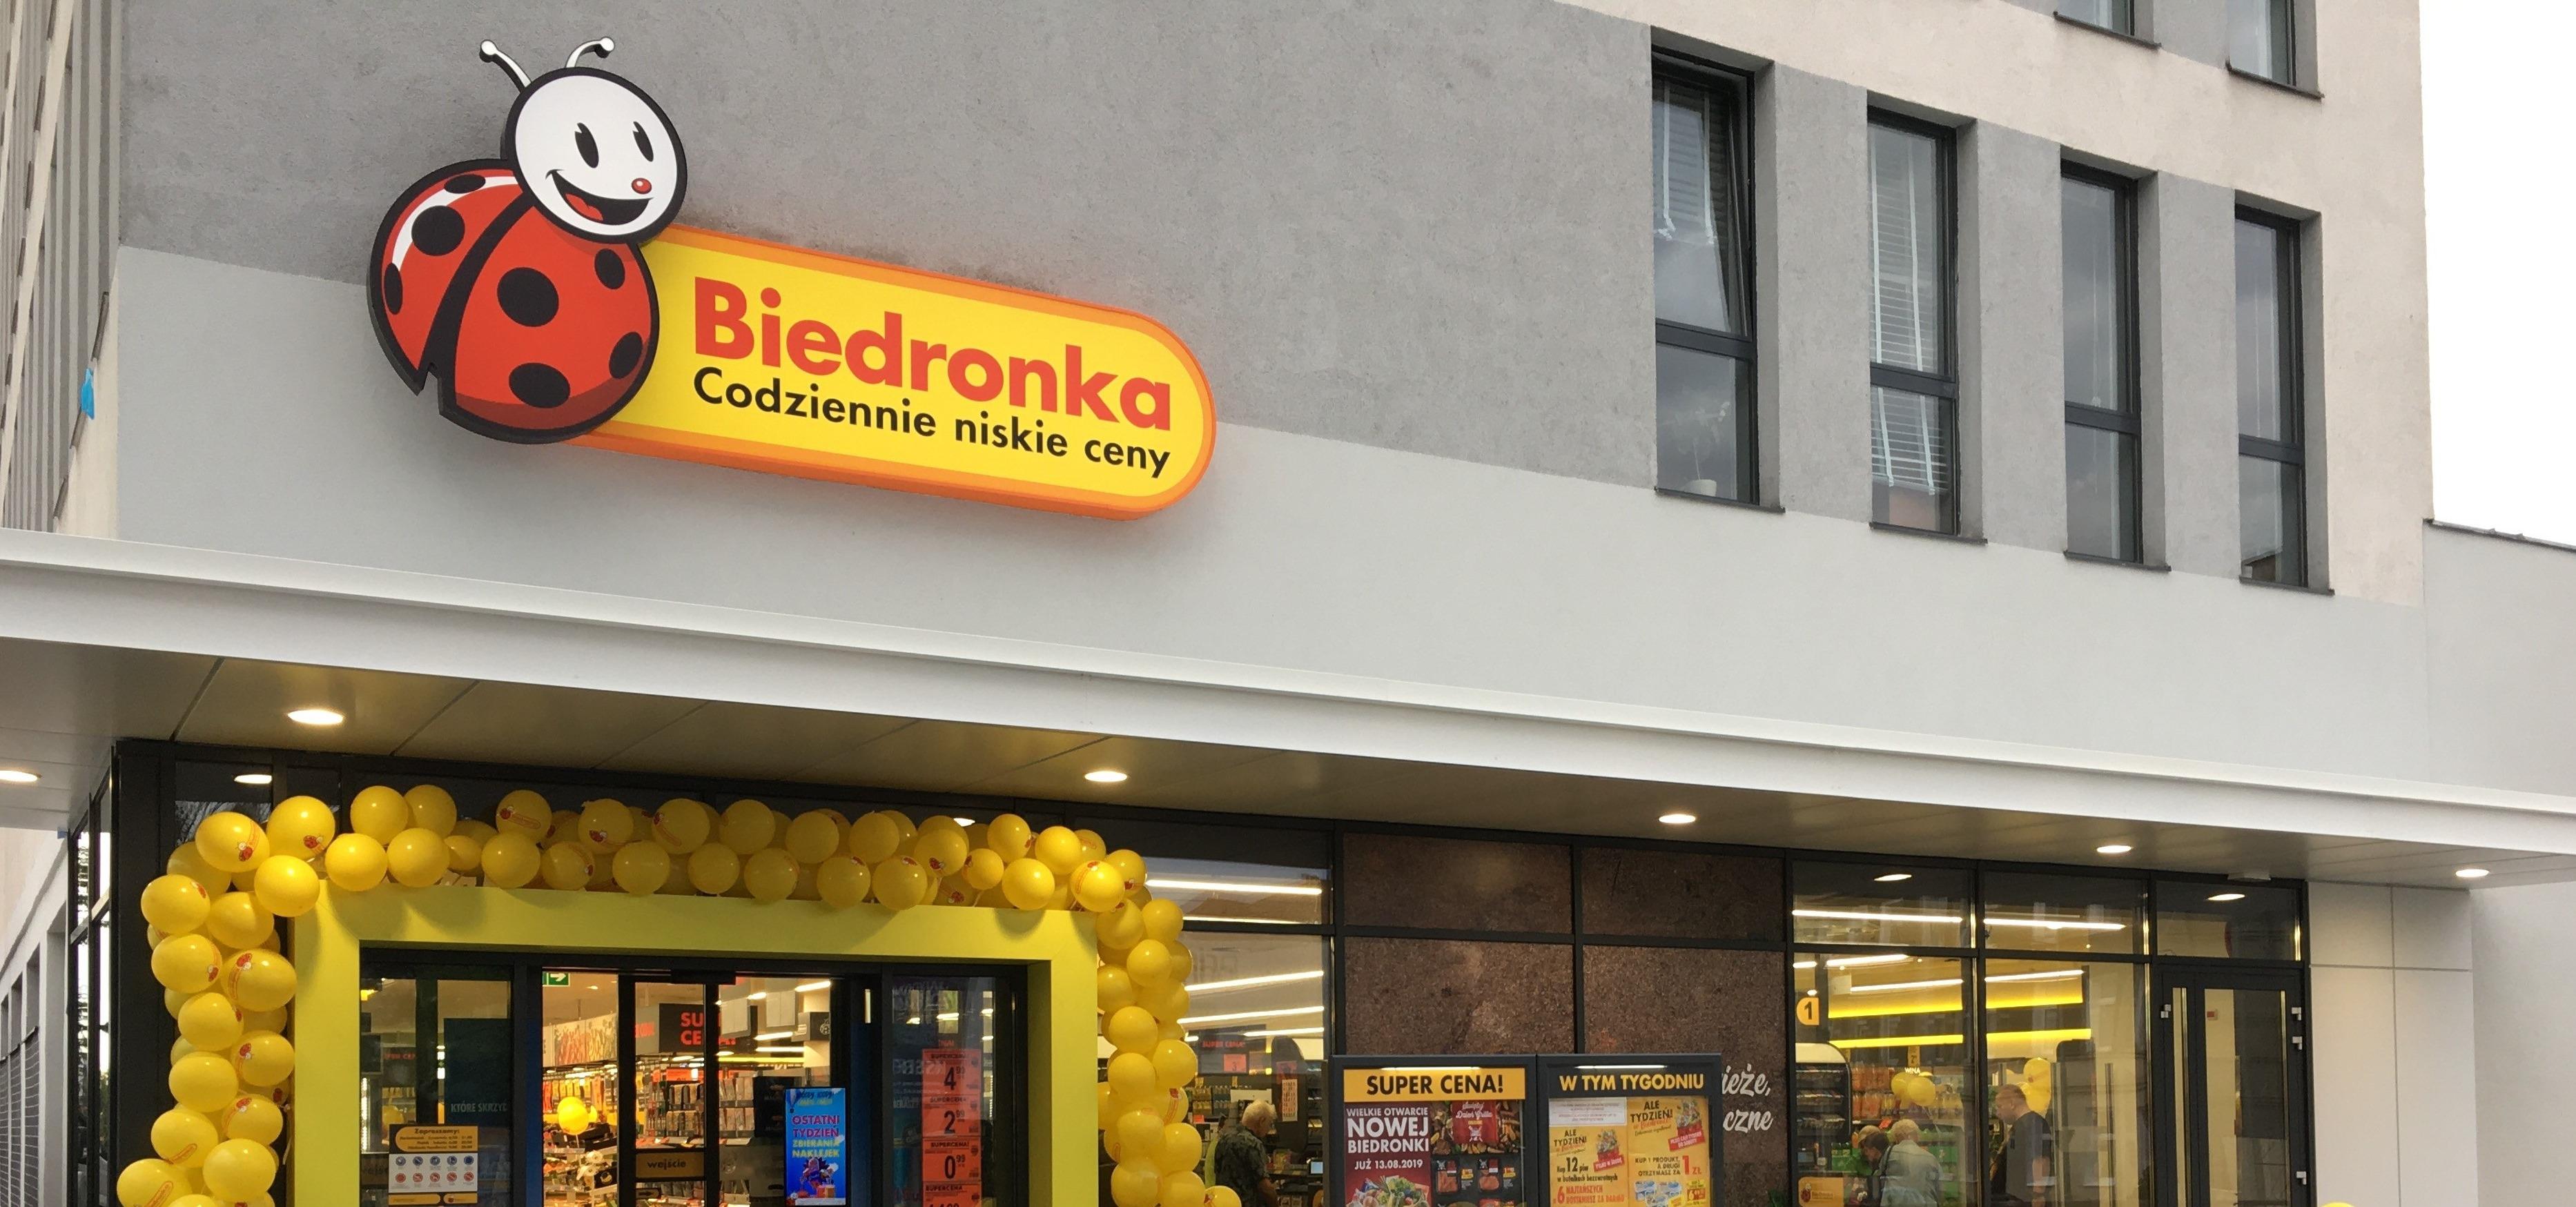 Zajrzyj na kawę i zakupy do Biedronki przy al. Piastów w Szczecinie